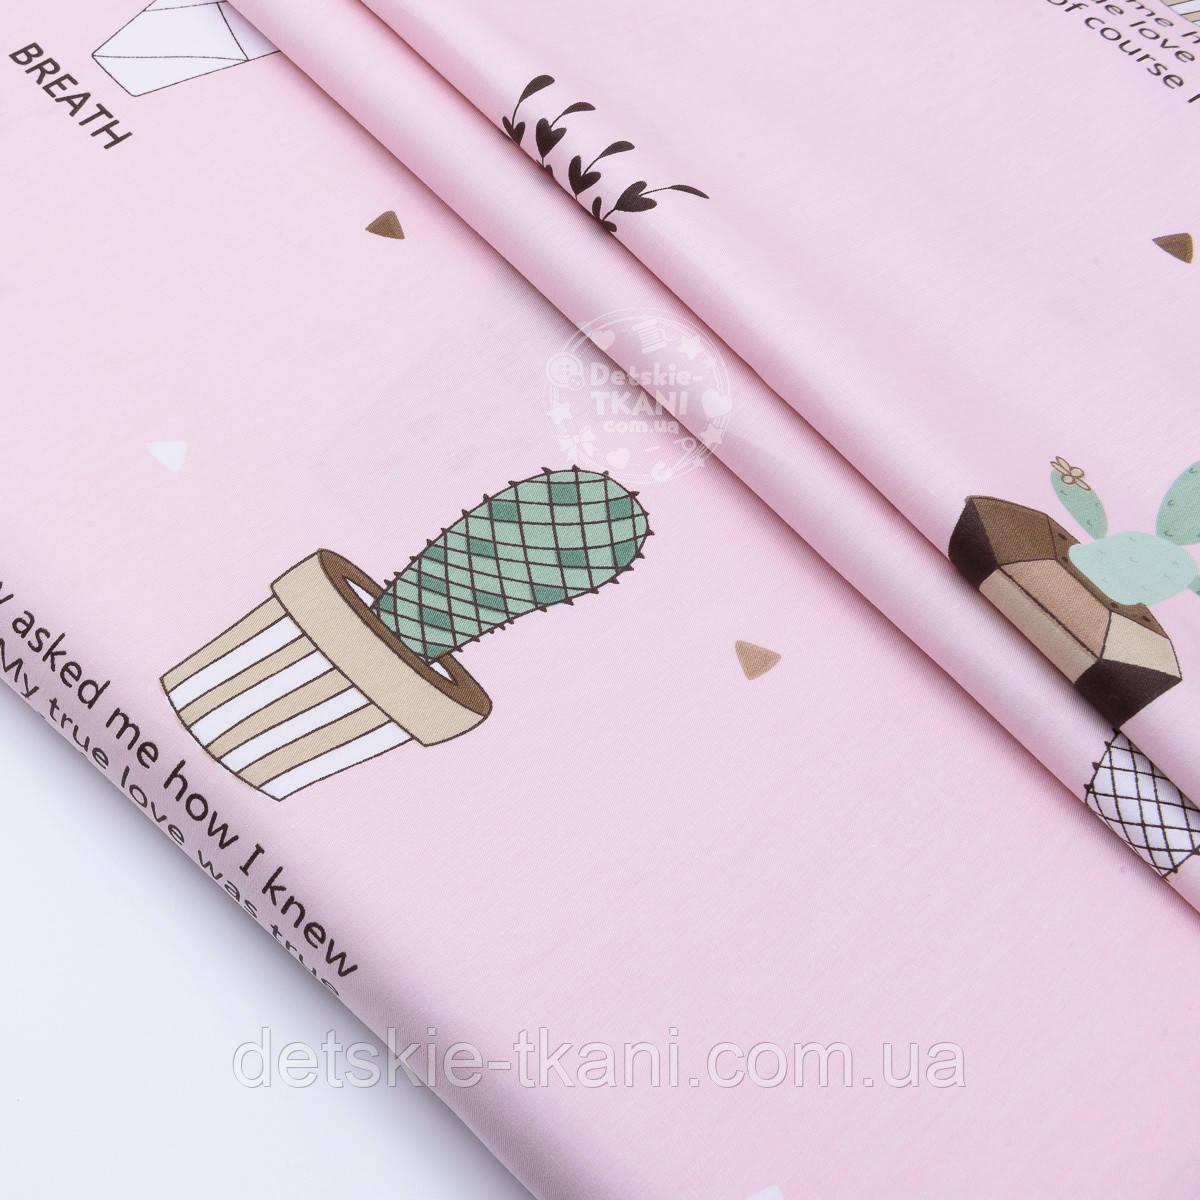 """Отрез сатина """"Растения в горшочках с надписью, кактусы"""" на розовом, размер 80*160 см"""